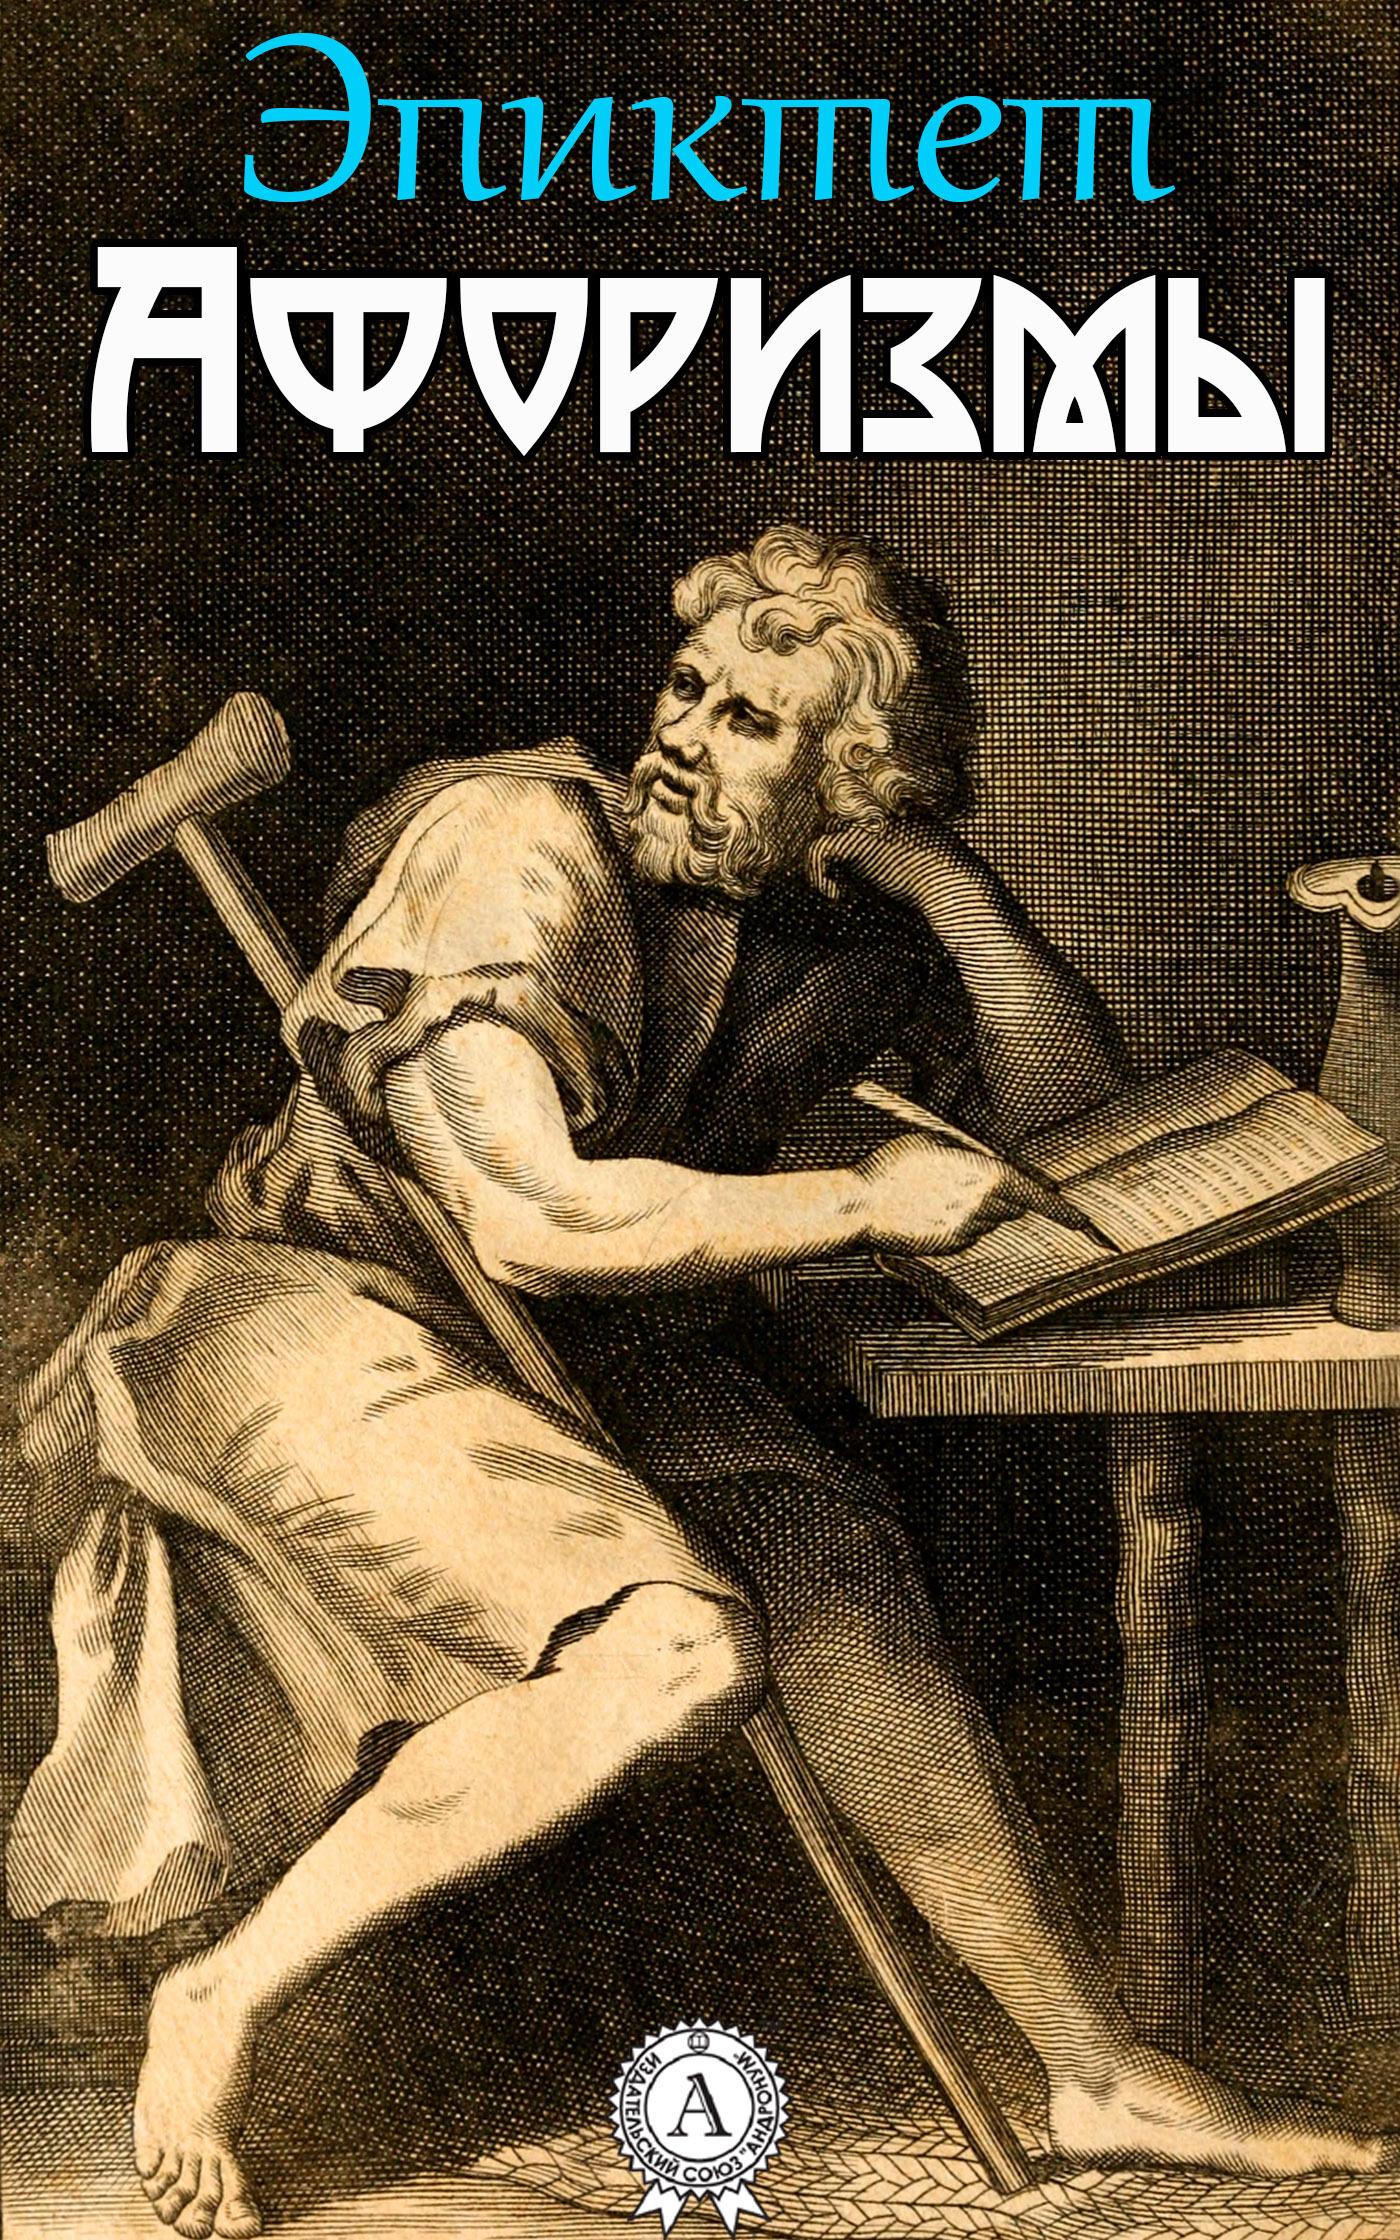 Эпиктет Афоризмы евдокия лучезарнова размышления и афоризмы